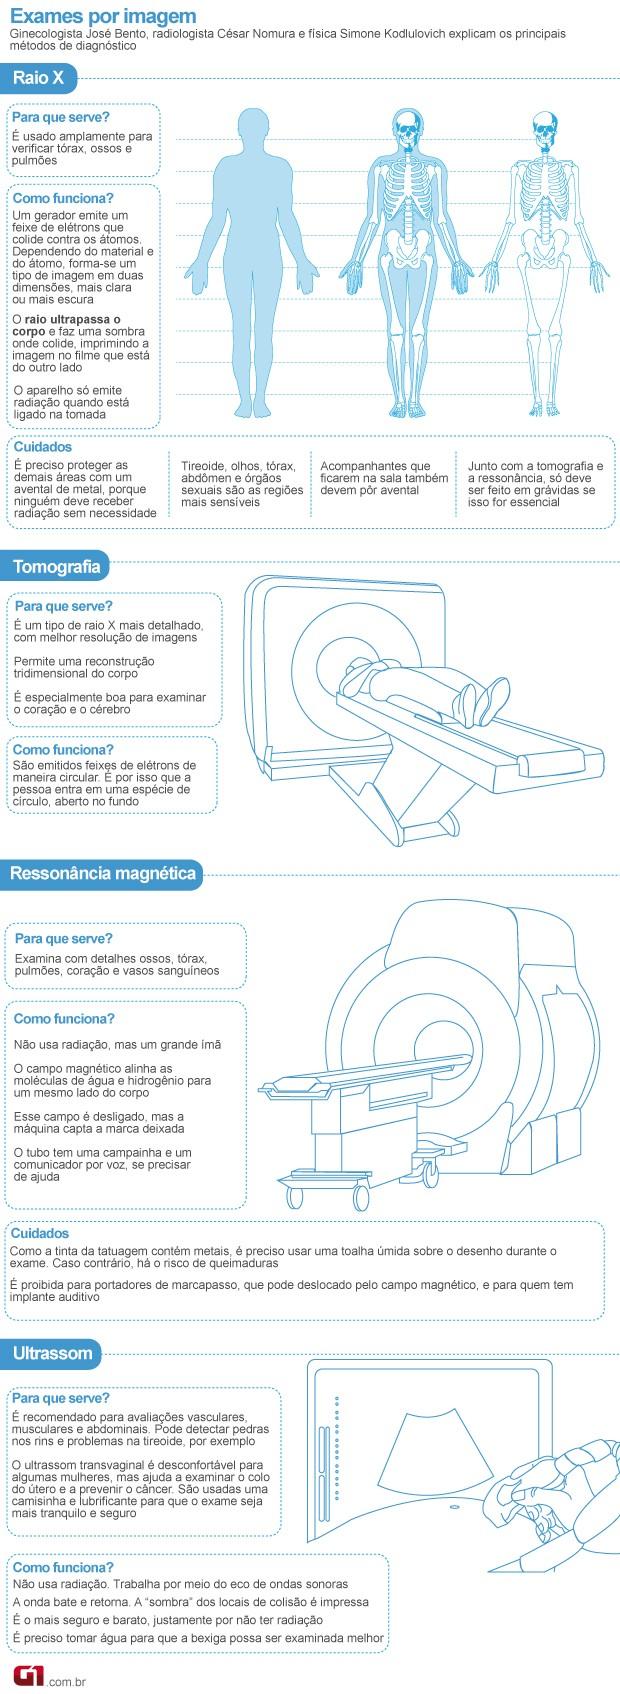 Ressonância magnética (Foto: Arte/G1)